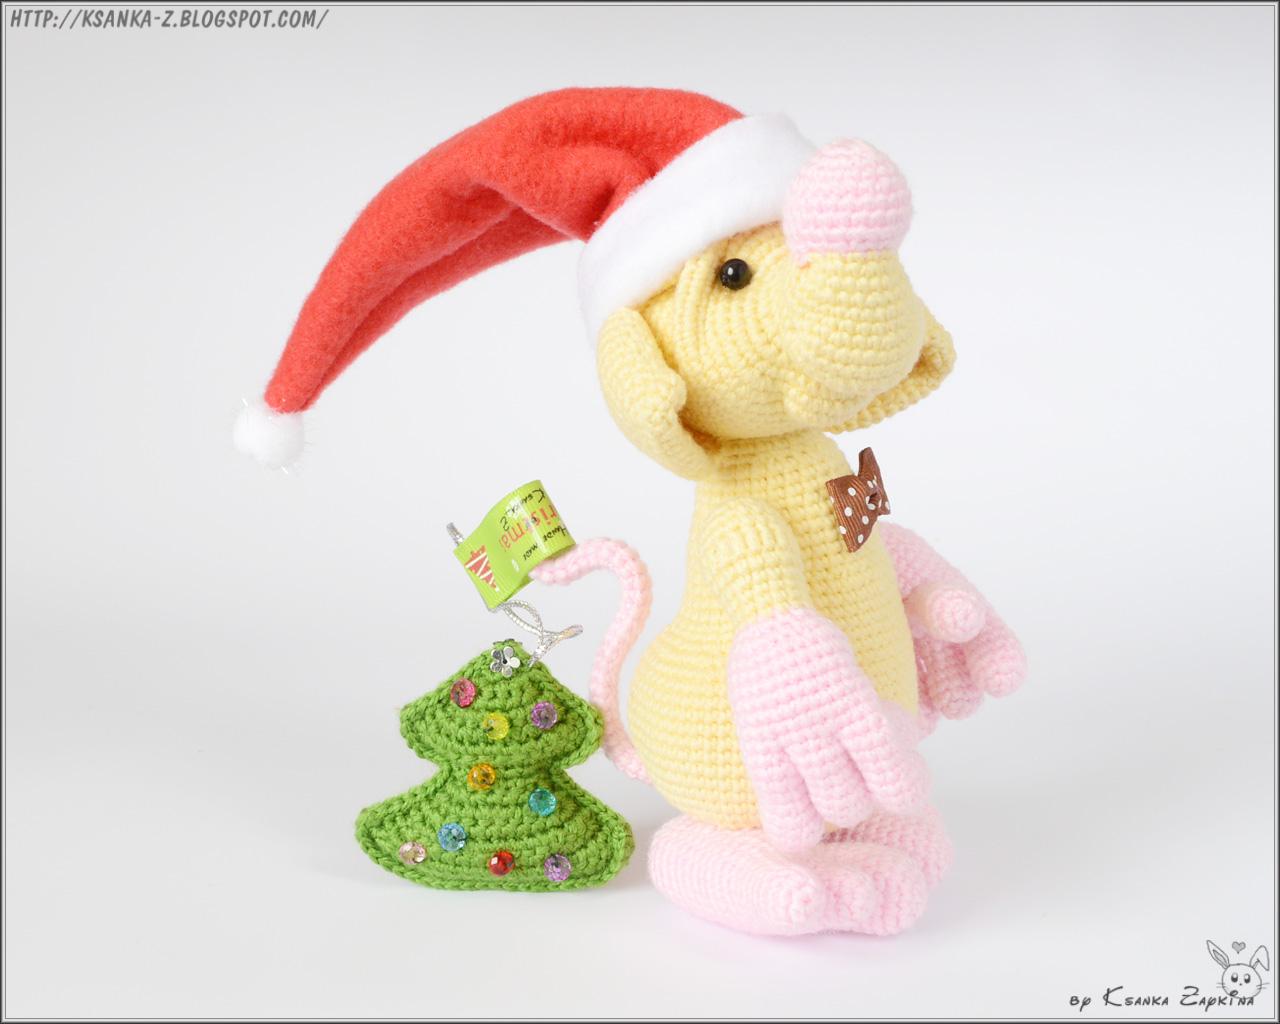 мышь крючком, вязанная мышка, амигуруми, игрушки крючком, вязаные игрушки, игрушки ручной работы